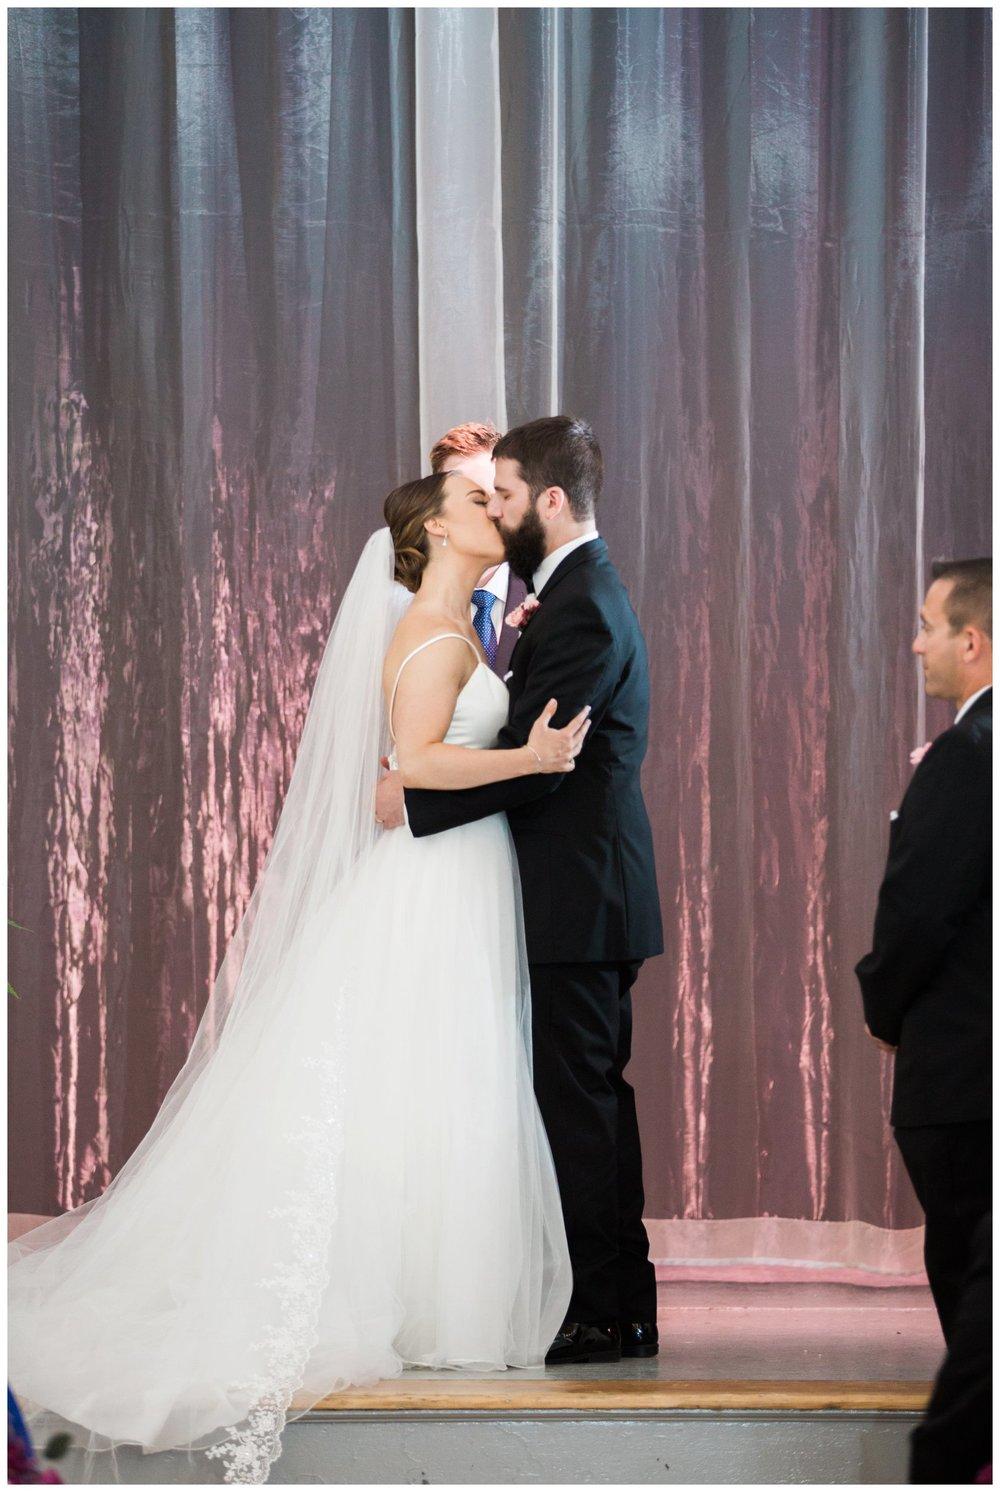 lauren muckler photography_fine art film wedding photography_st louis_photography_1114.jpg